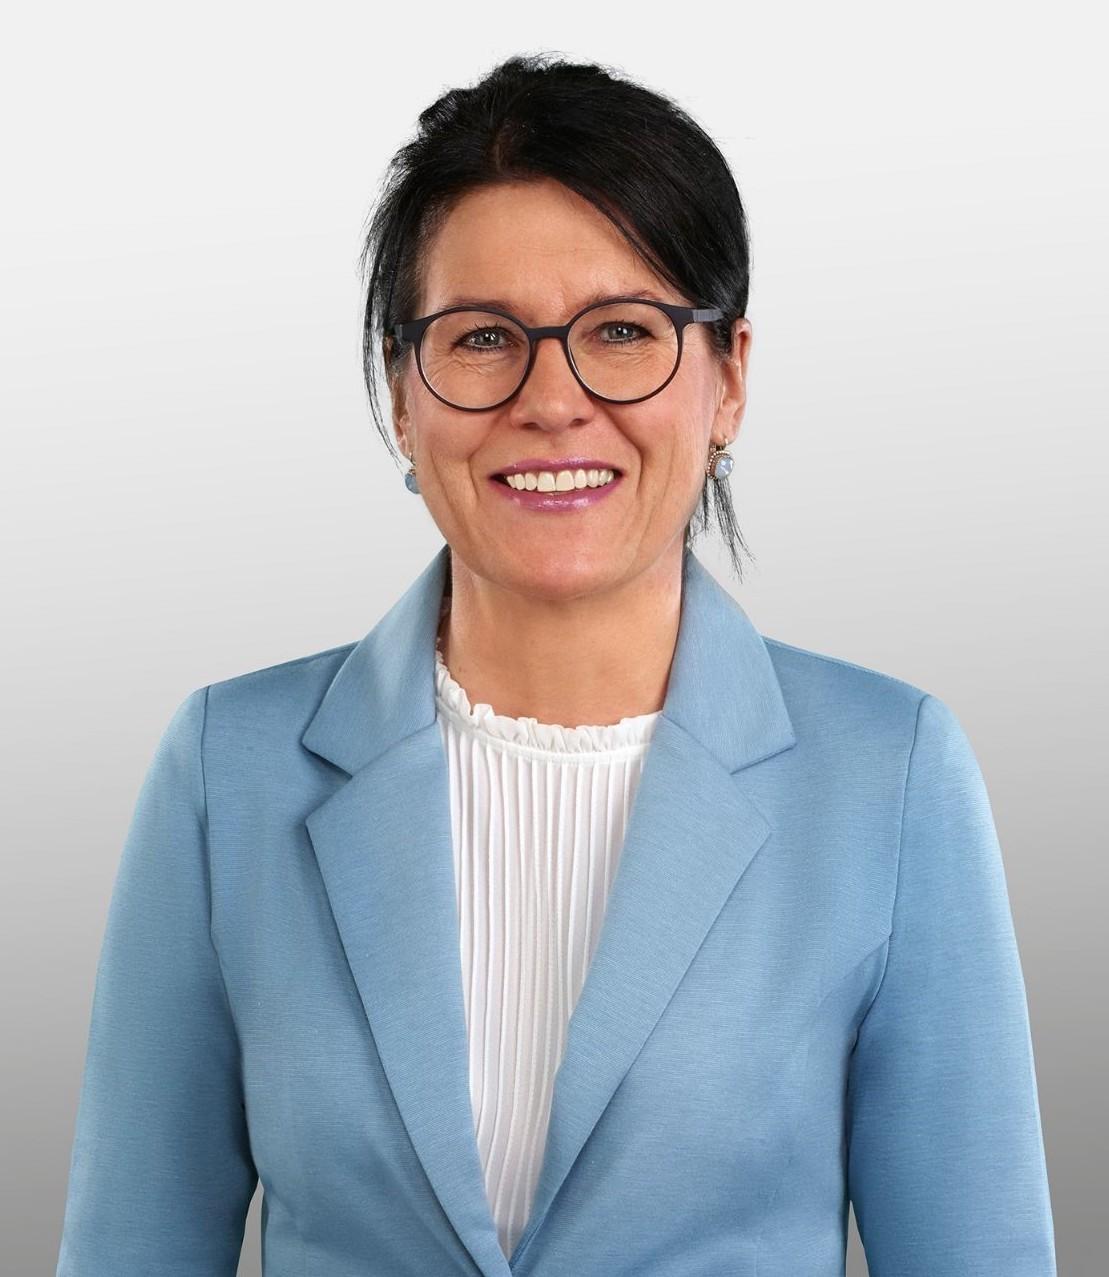 Renate Huwyler ist seit diesem Jahr Gemeindepräsidentin von Hünenberg.